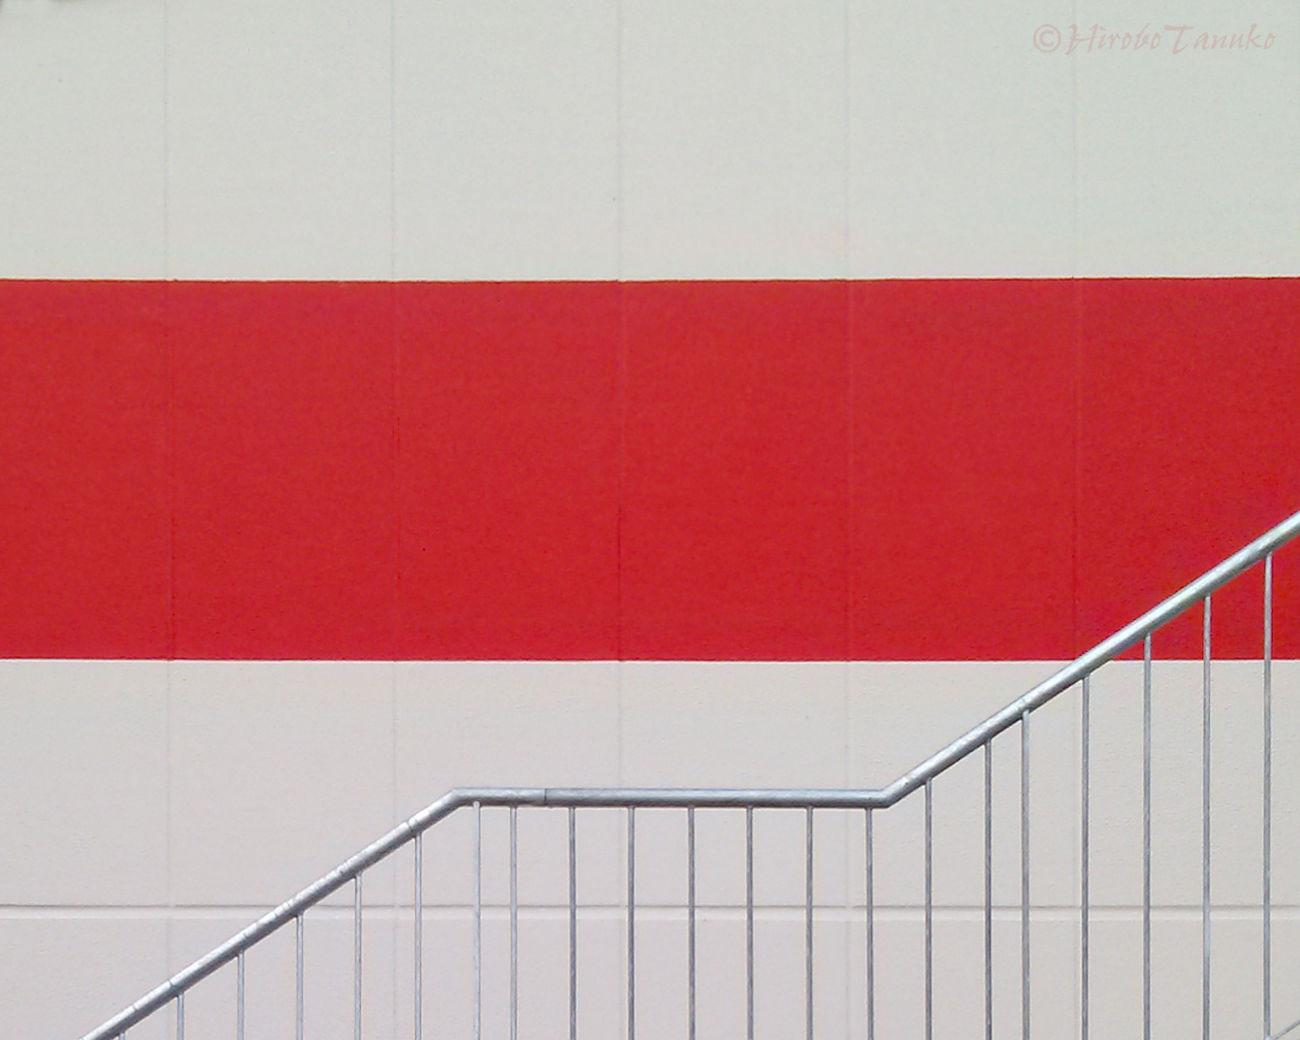 Wall Minimalism